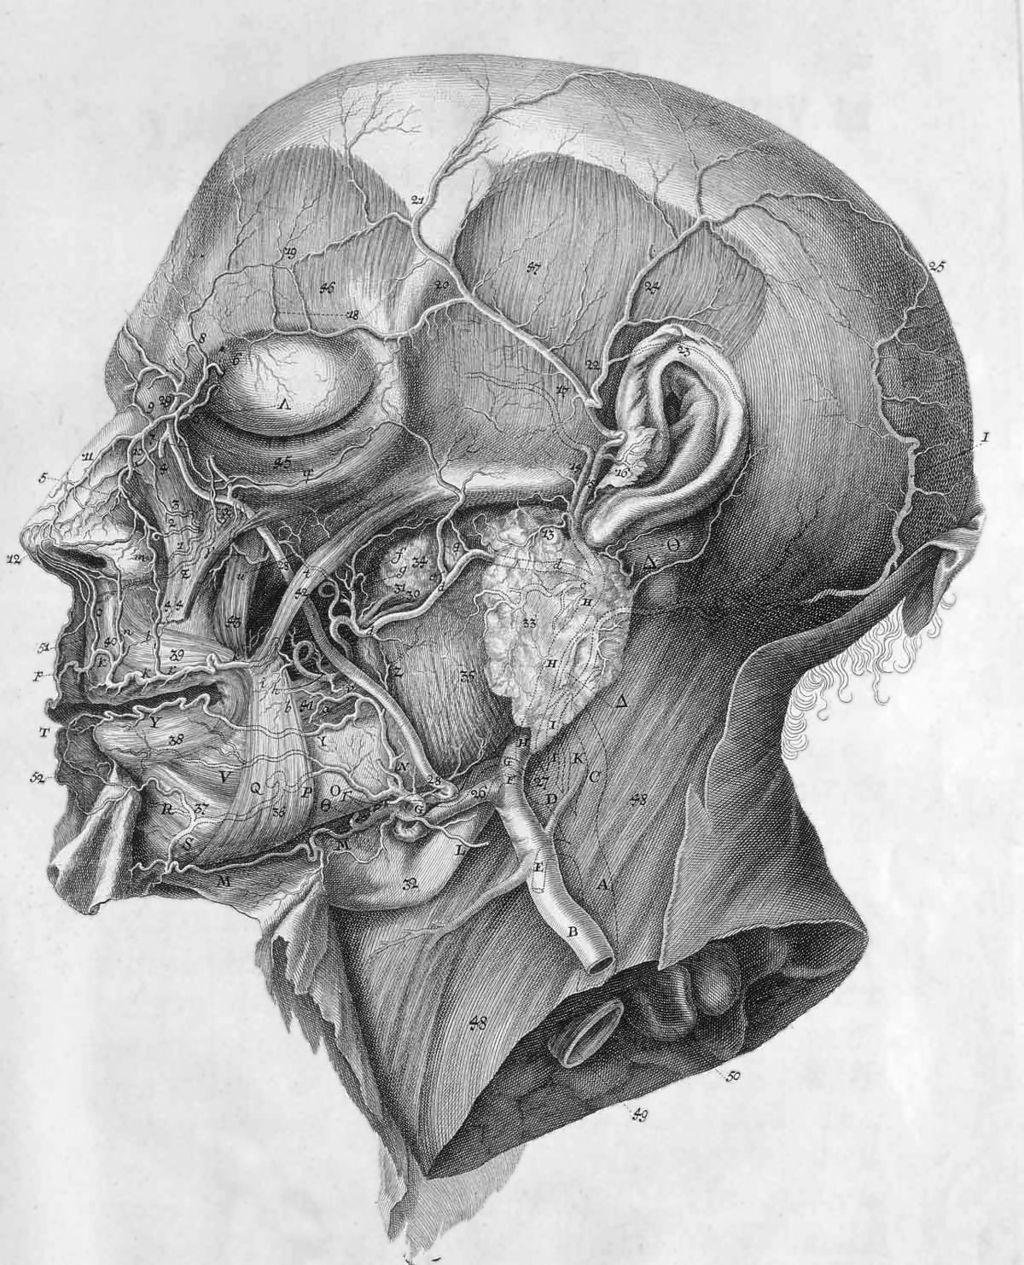 История изучения мозга от Древнего Египта до начала XX века - 33